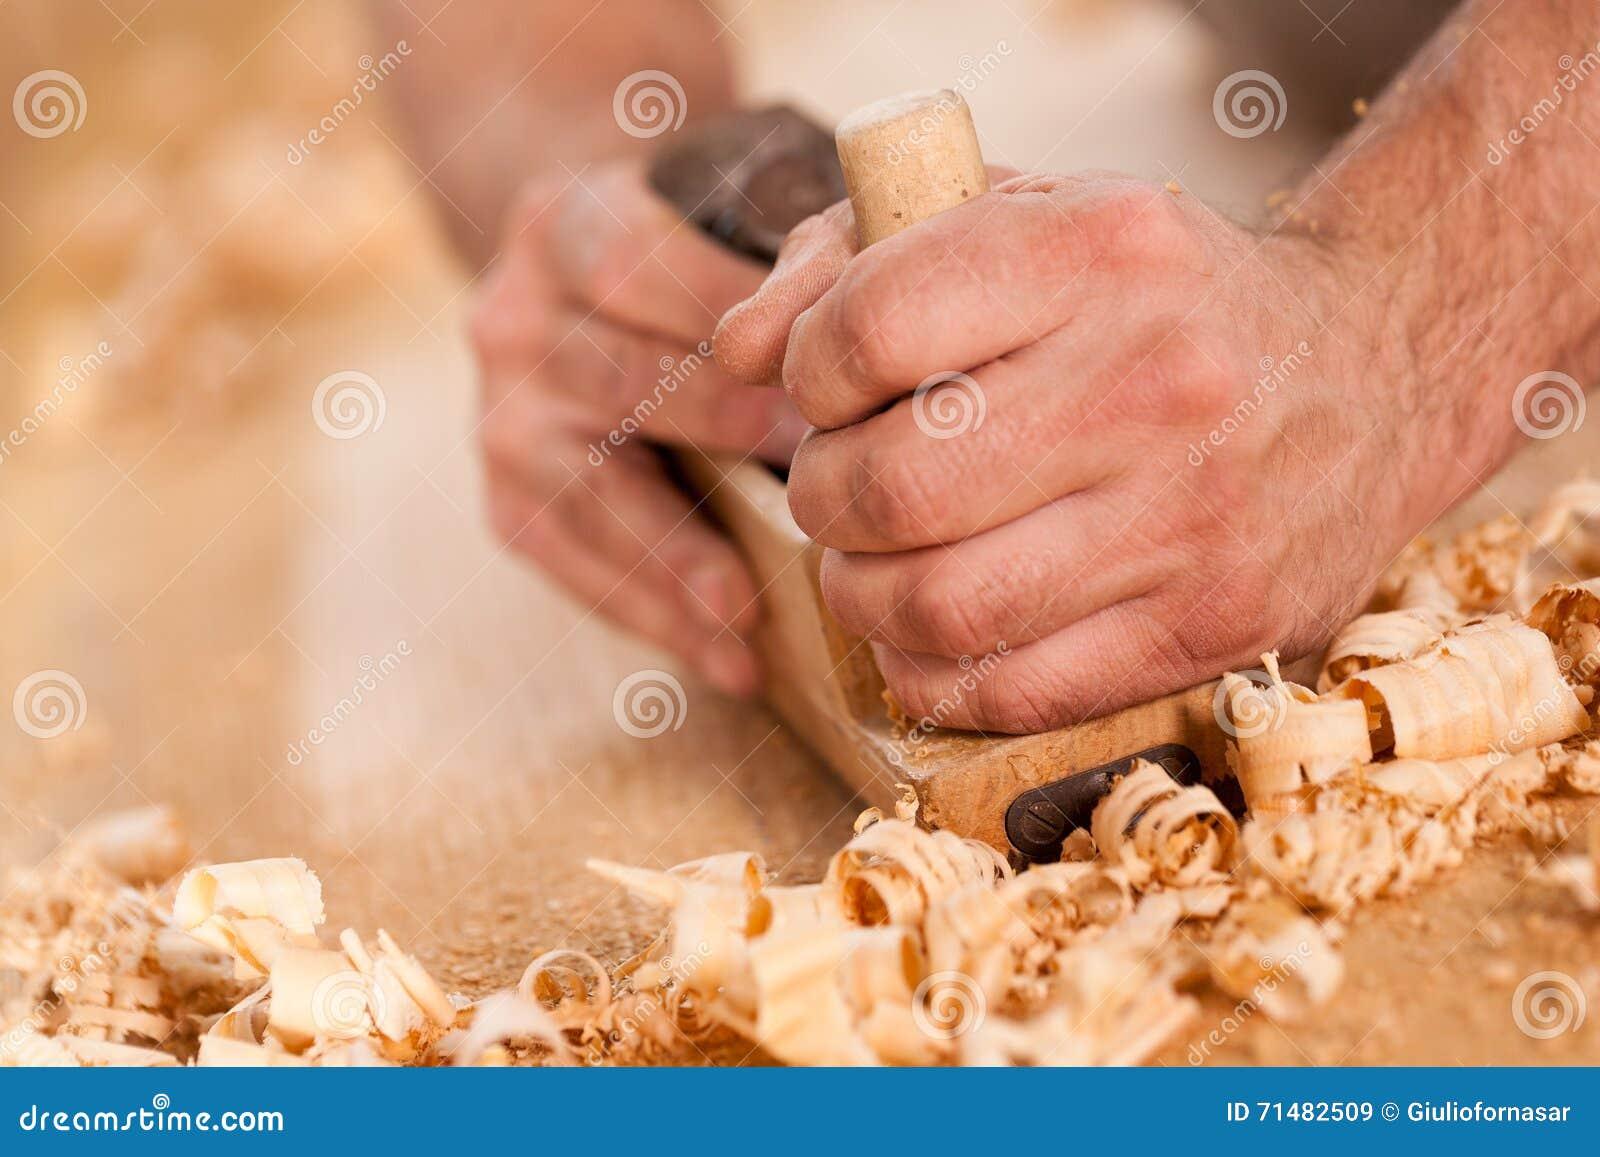 Inredningssnickarehänder som rakar med en nivå